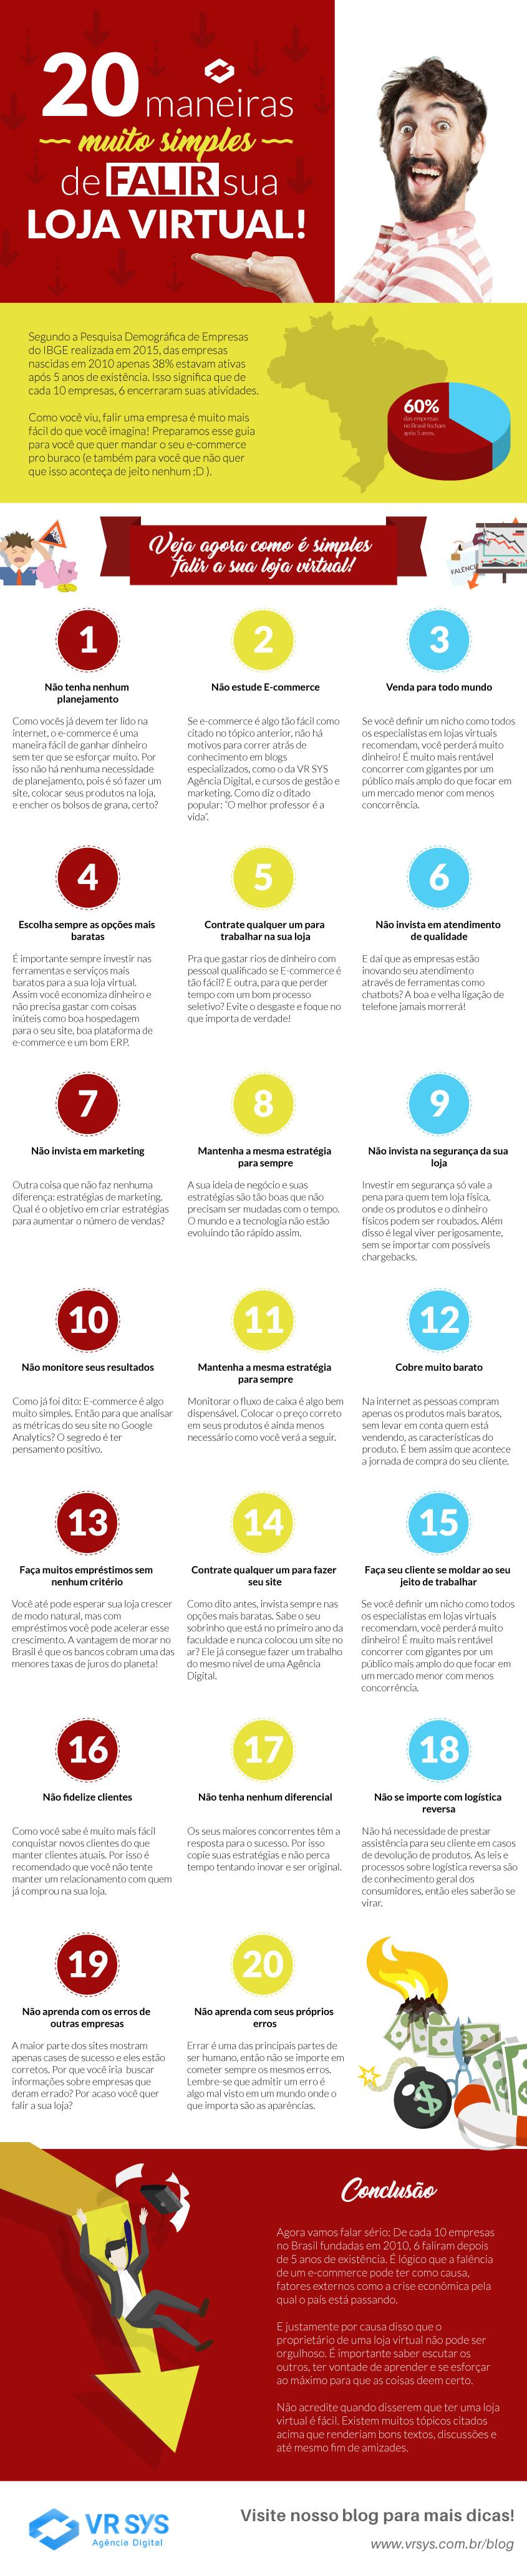 20 maneiras muito simples de falir a sua loja virtual!